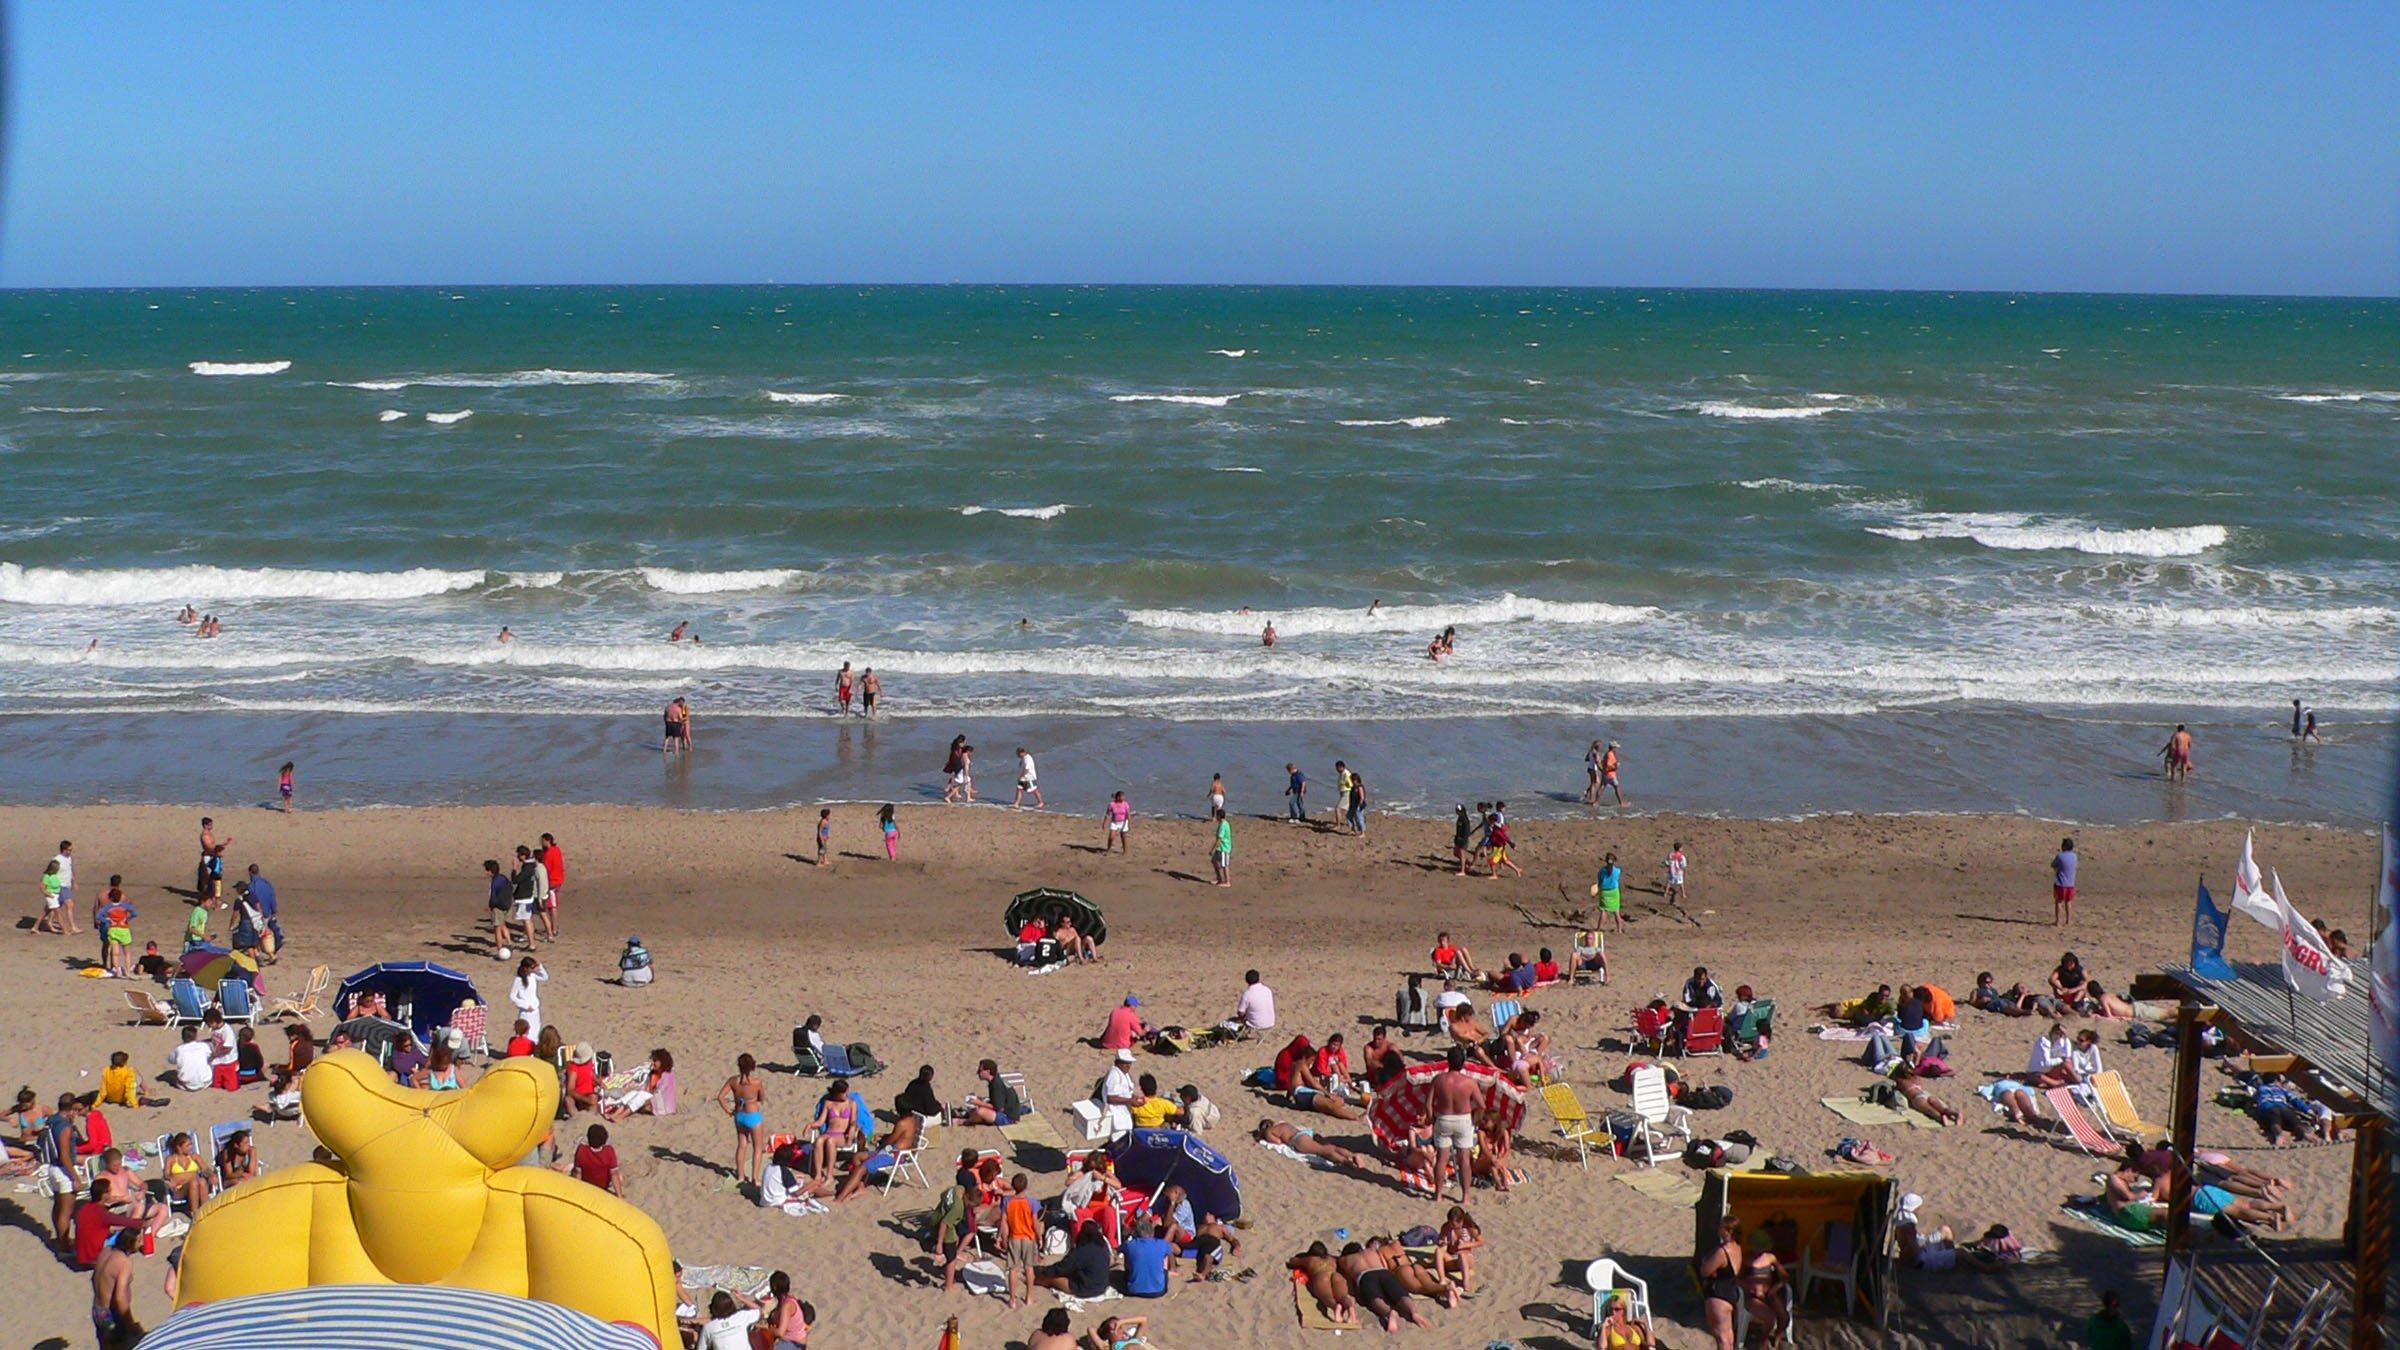 Celebrar la navidad en las playas de argentina - Costumbres navidenas en alemania ...